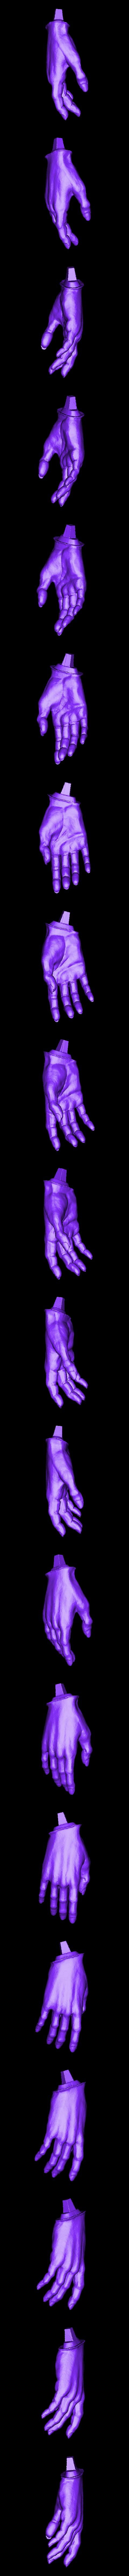 Wrist_repaired.stl Download free STL file Soul Reaper demon hunter • 3D print object, Boris3dStudio